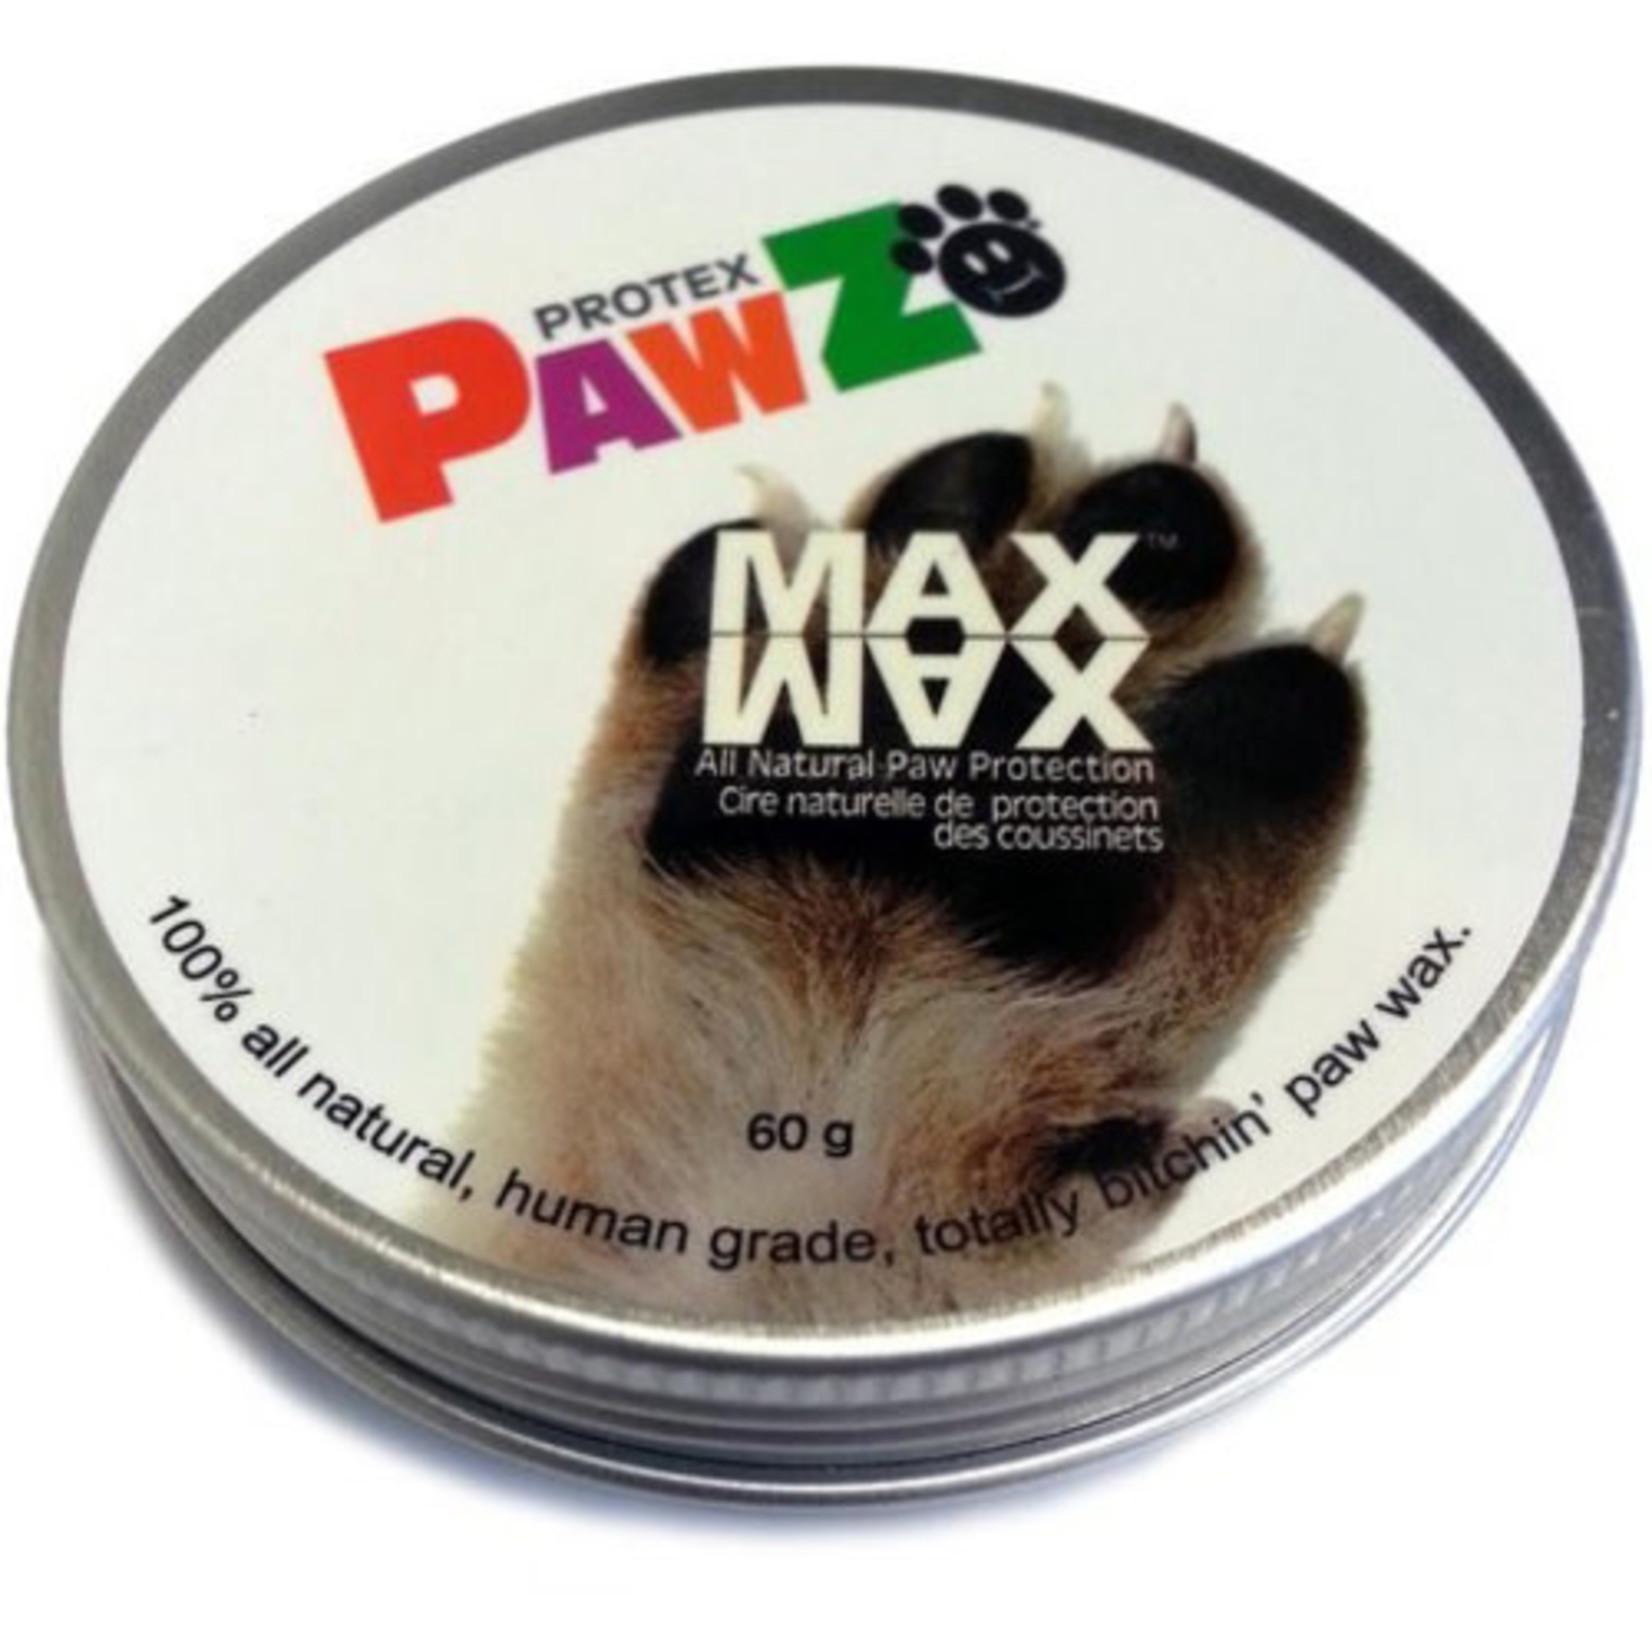 PAWZ PAWZ Max Wax 60g